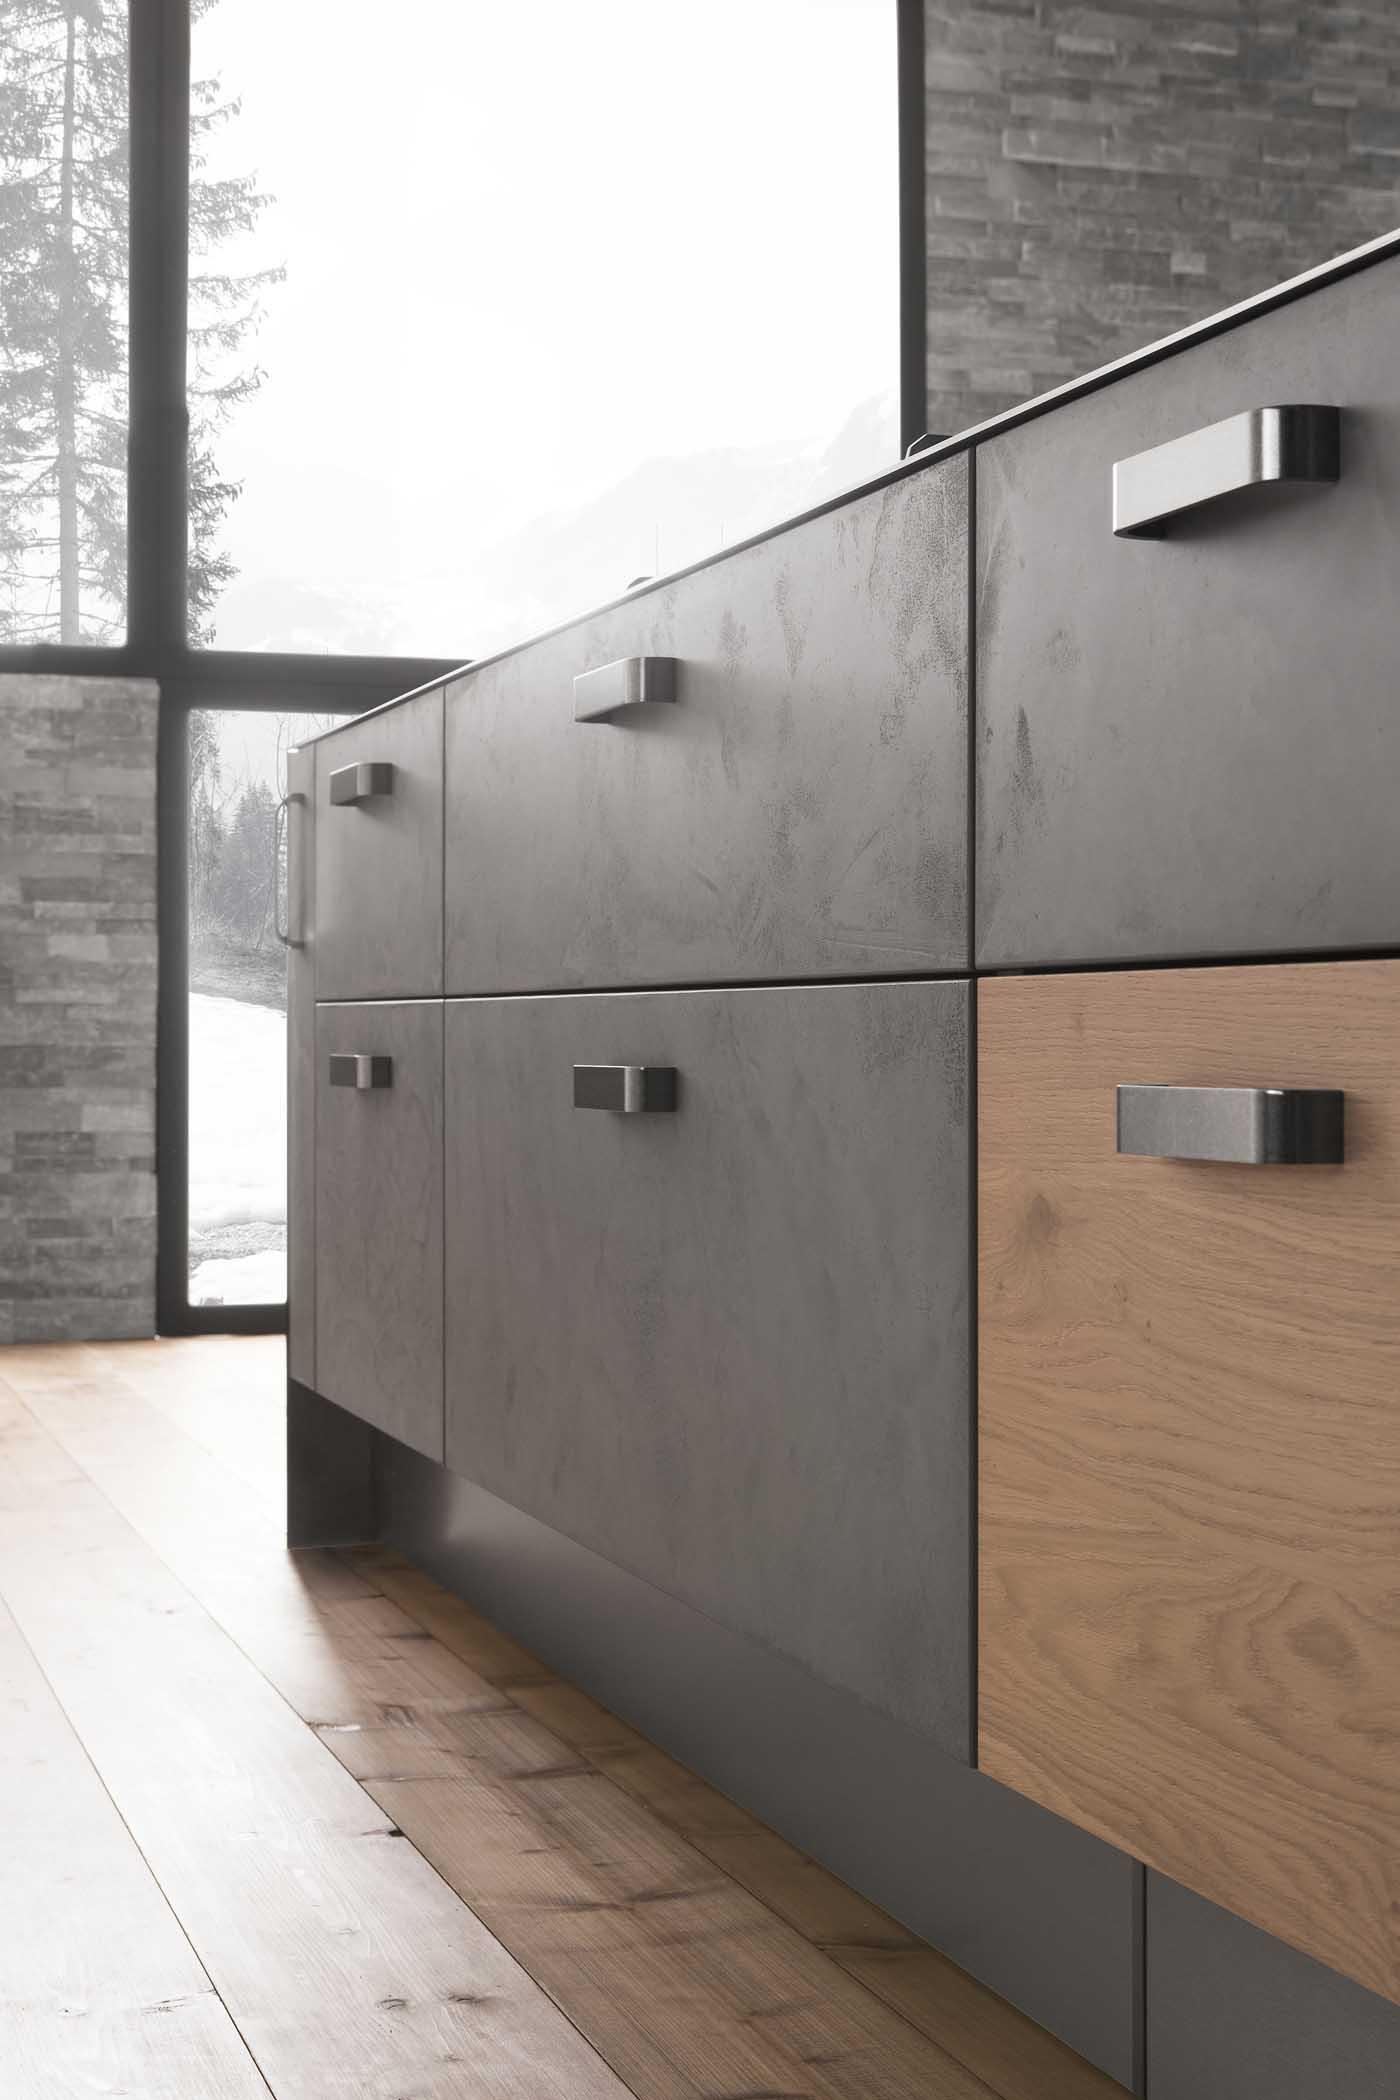 Cuisine l510 laque b ton gris armoires open line placage for Placage armoire cuisine